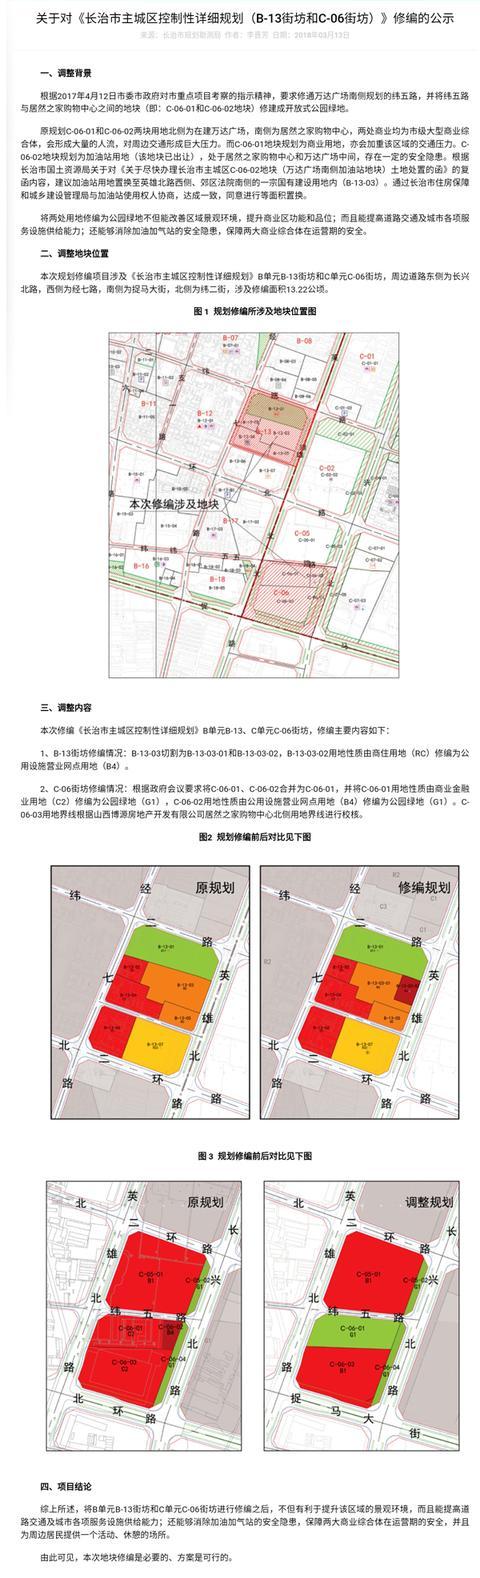 🔴长治万达广场进入规划审批阶段(有图有真相)_中国散文网